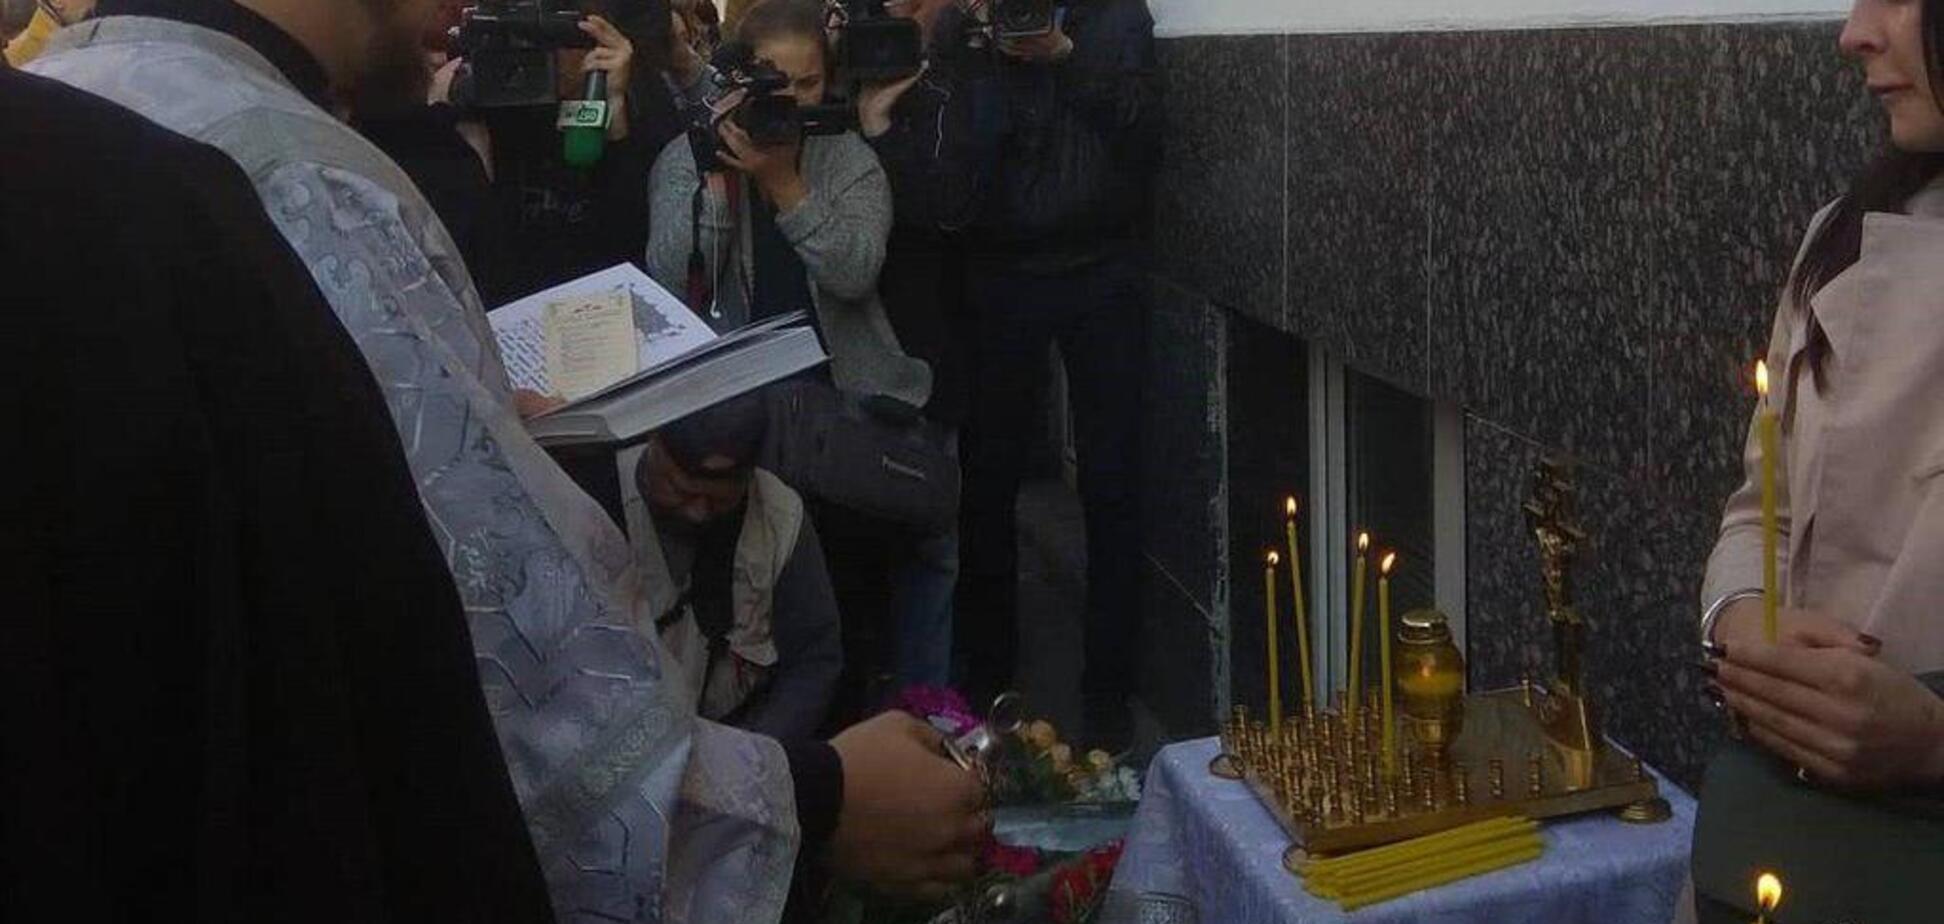 ДТП із Зайцевою: що відбувається на місці аварії у Харкові